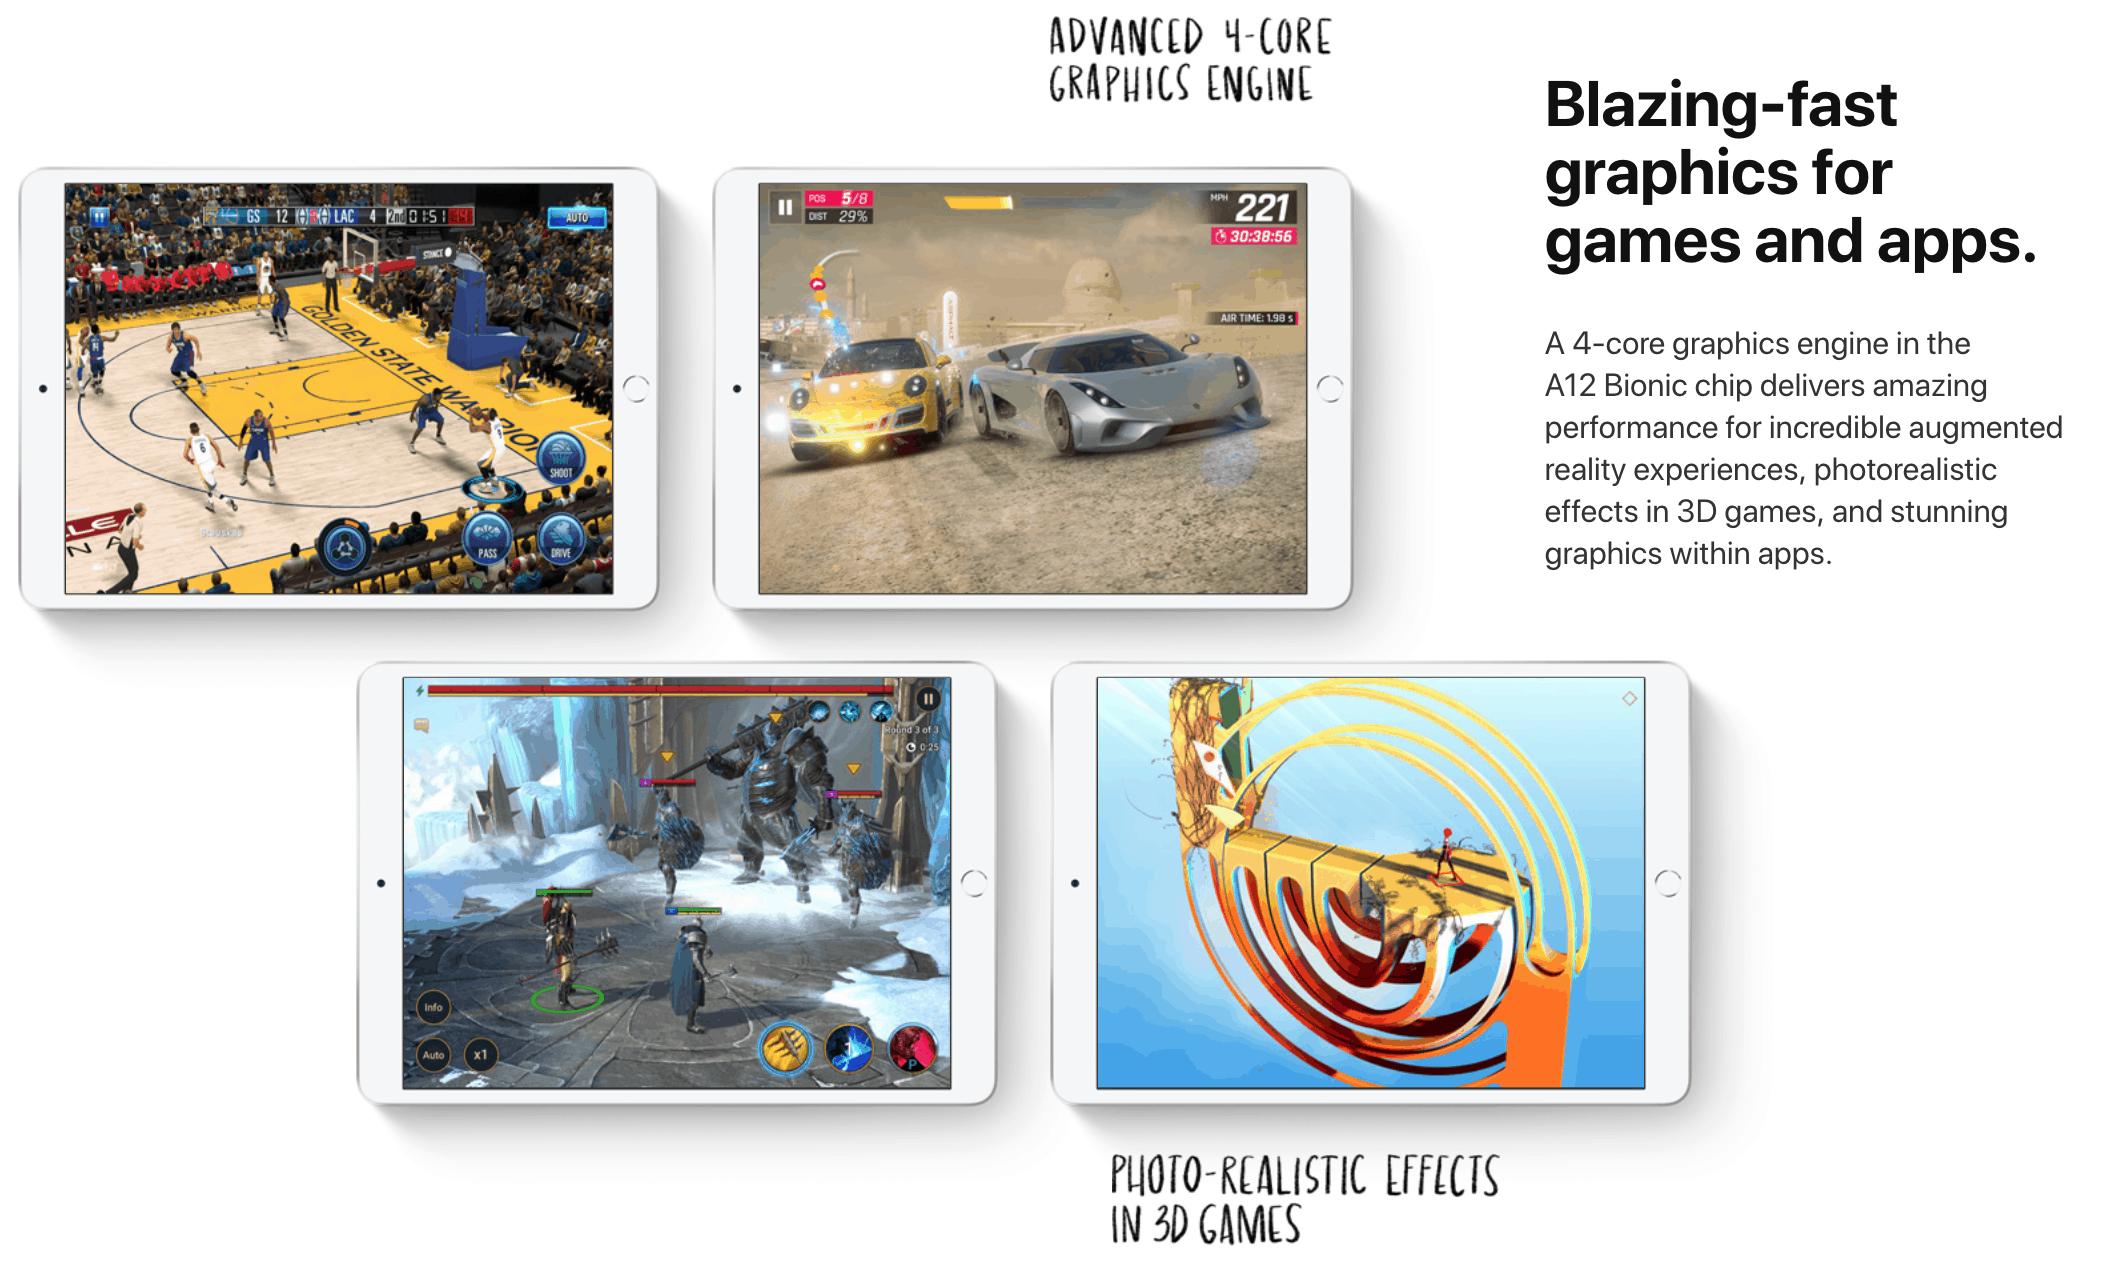 iPad Air Image 4